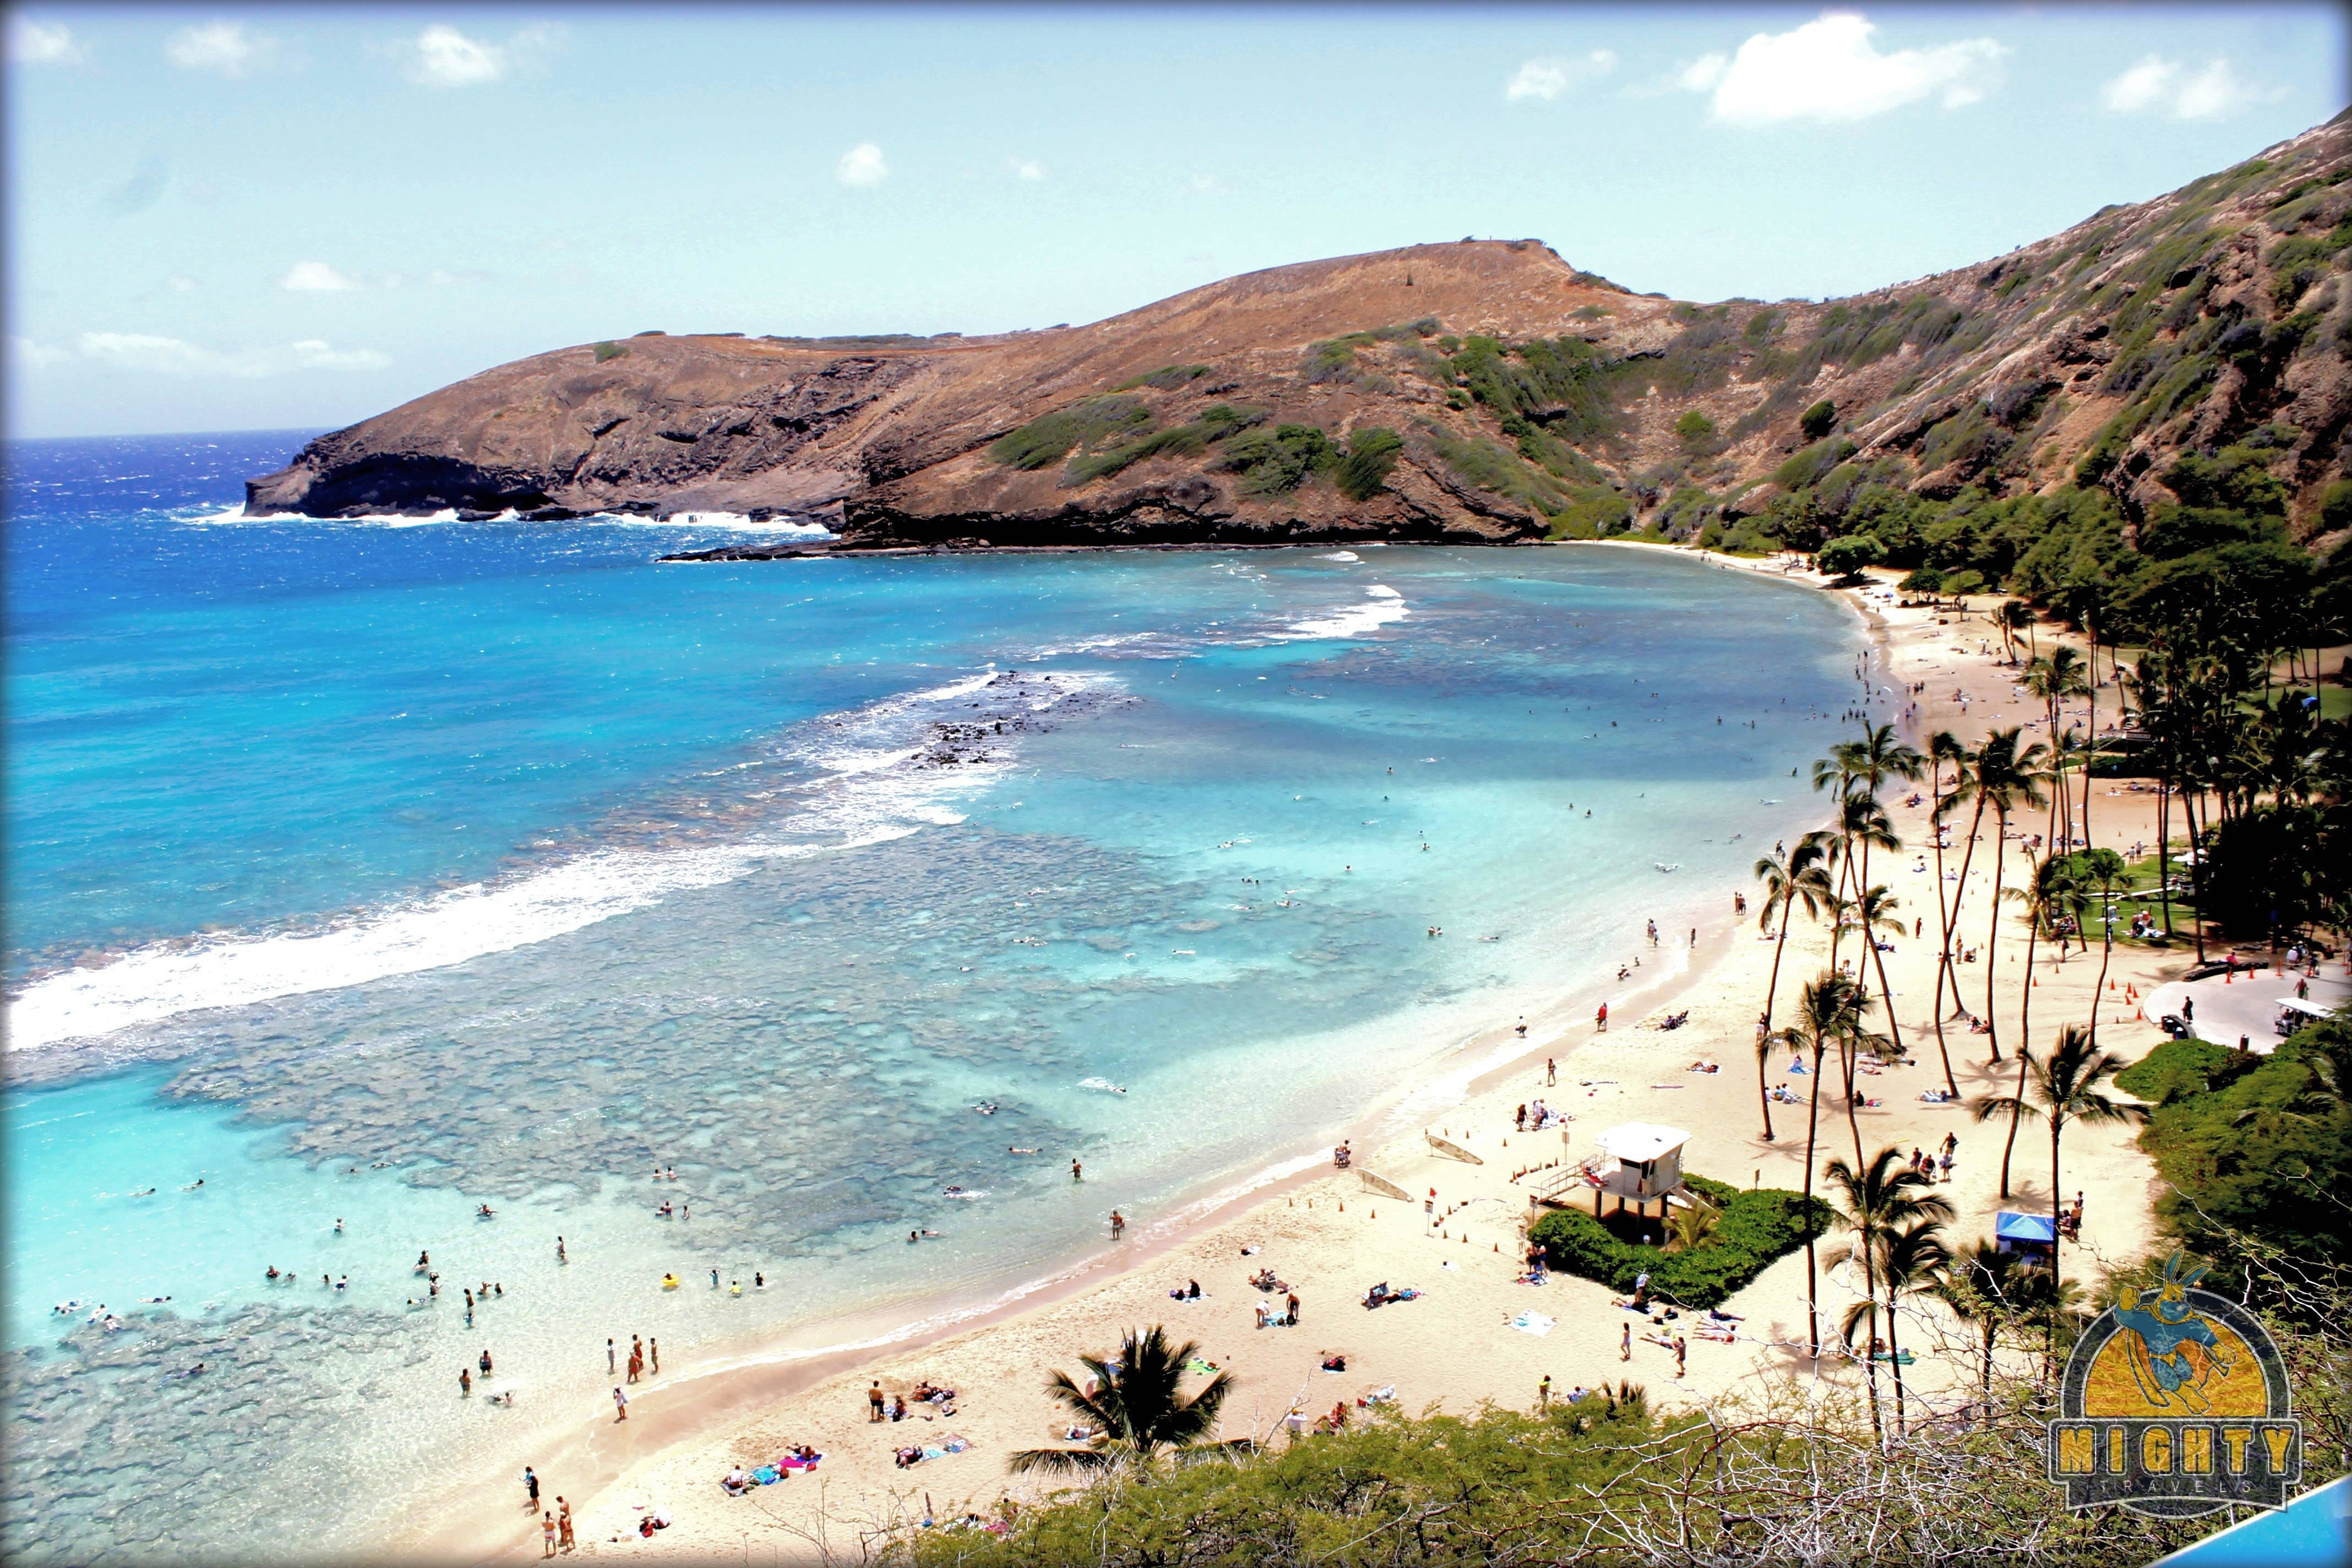 Review Hanauma Bay, Hawaii (near Honolulu, Oahu)